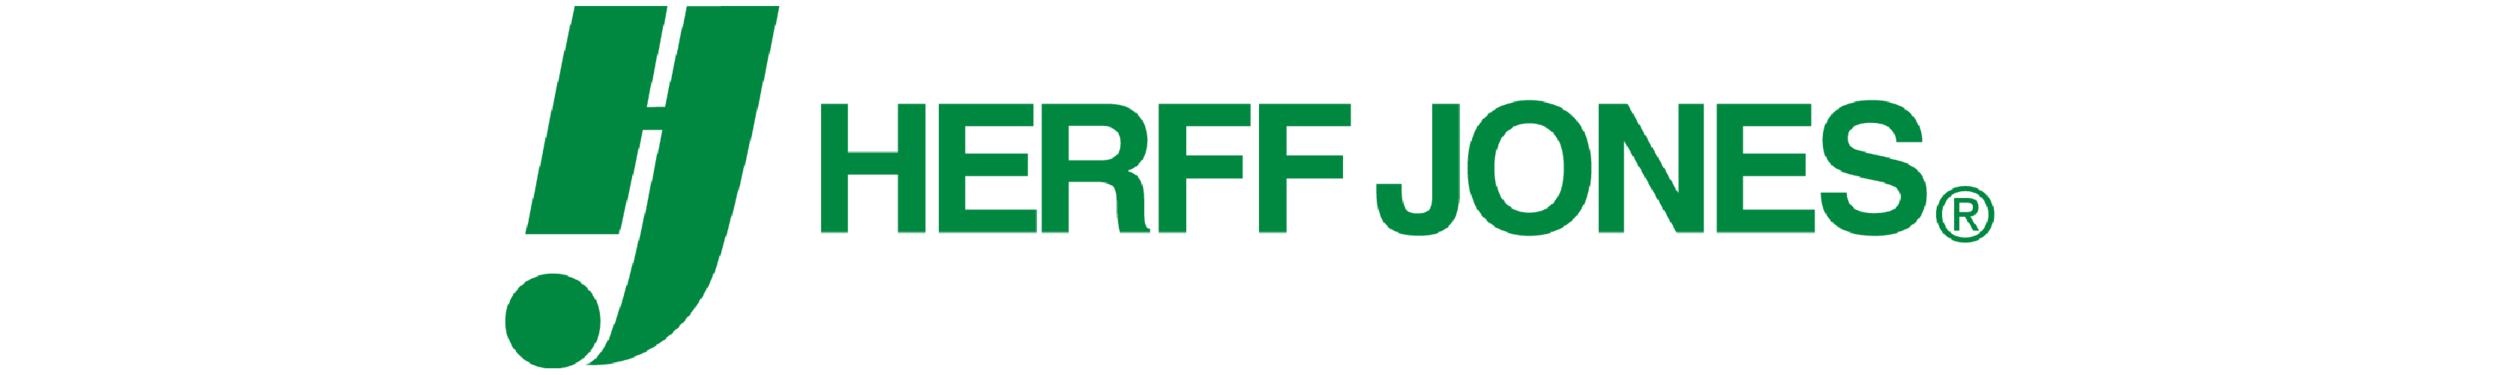 herf_jones_logo.png